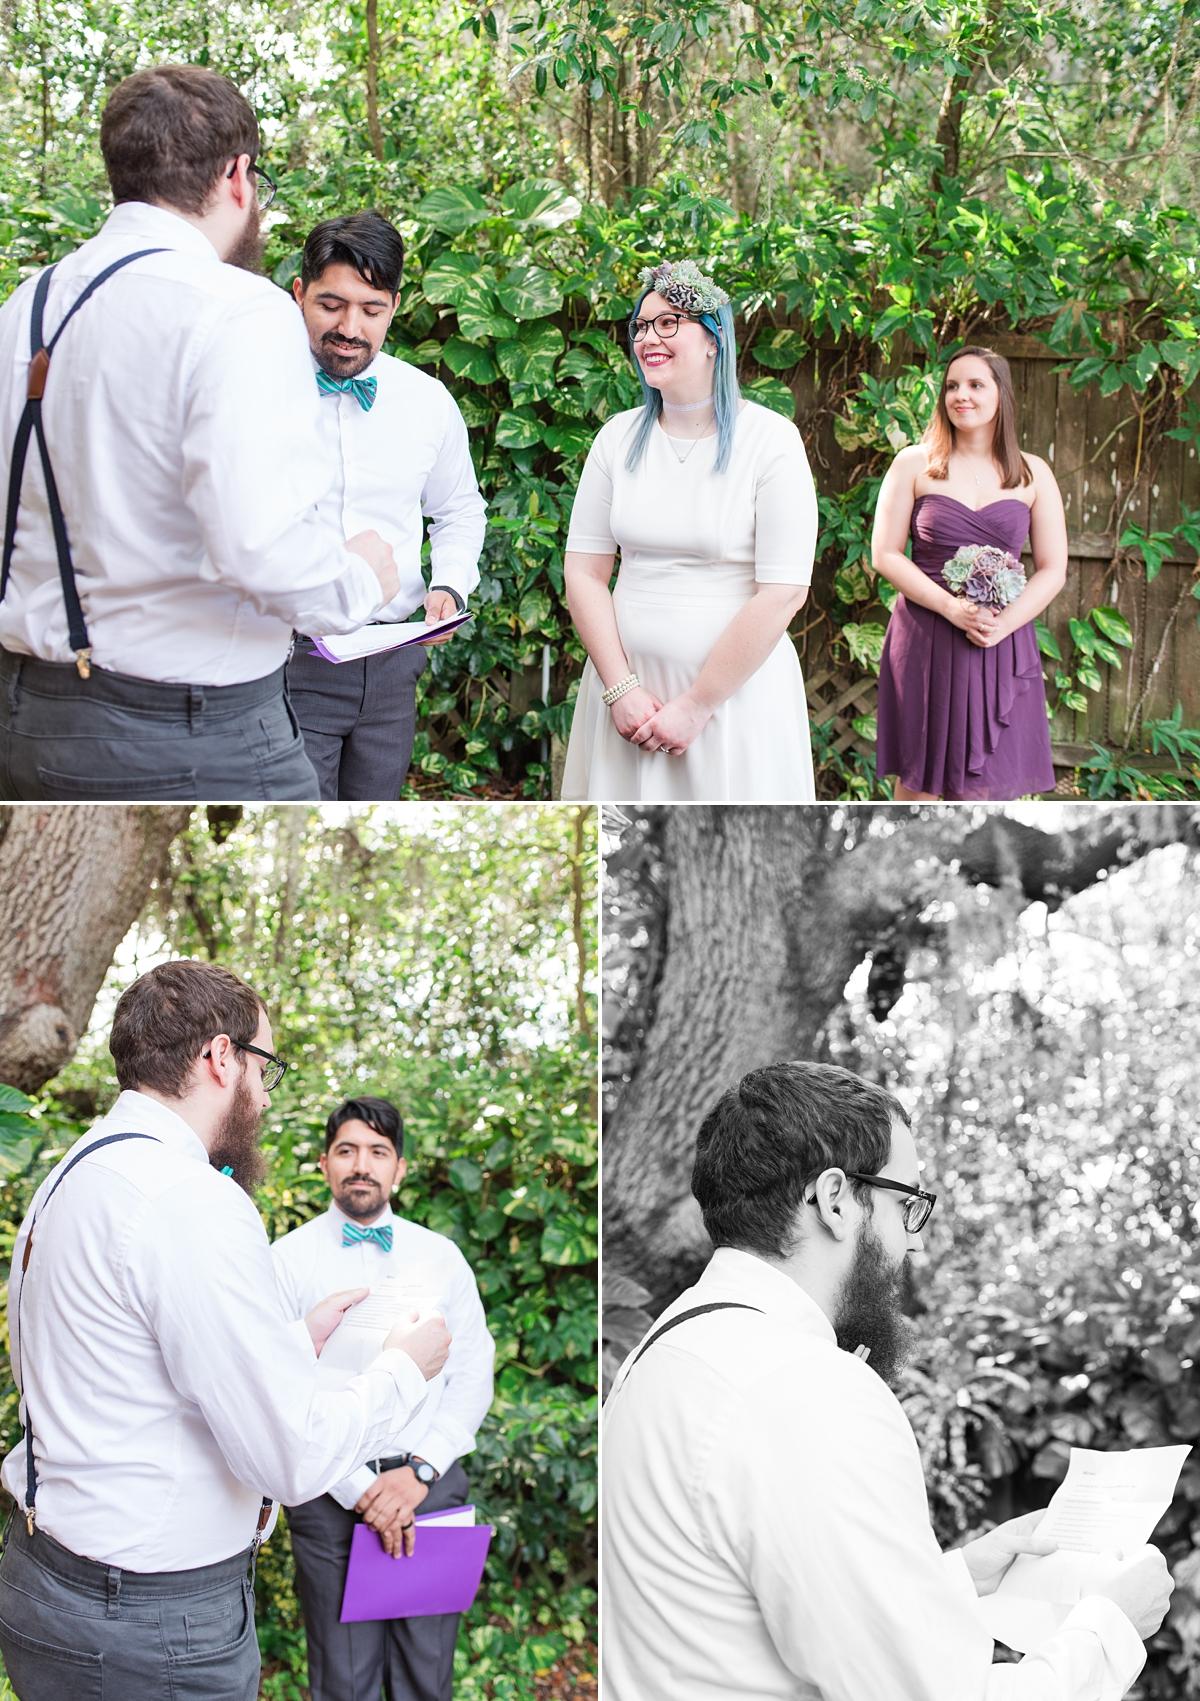 Titusville Florida Wedding_Elopement Photos_Blue Hair_Succulent Bouquet_Elopement Inspiration_8.jpg